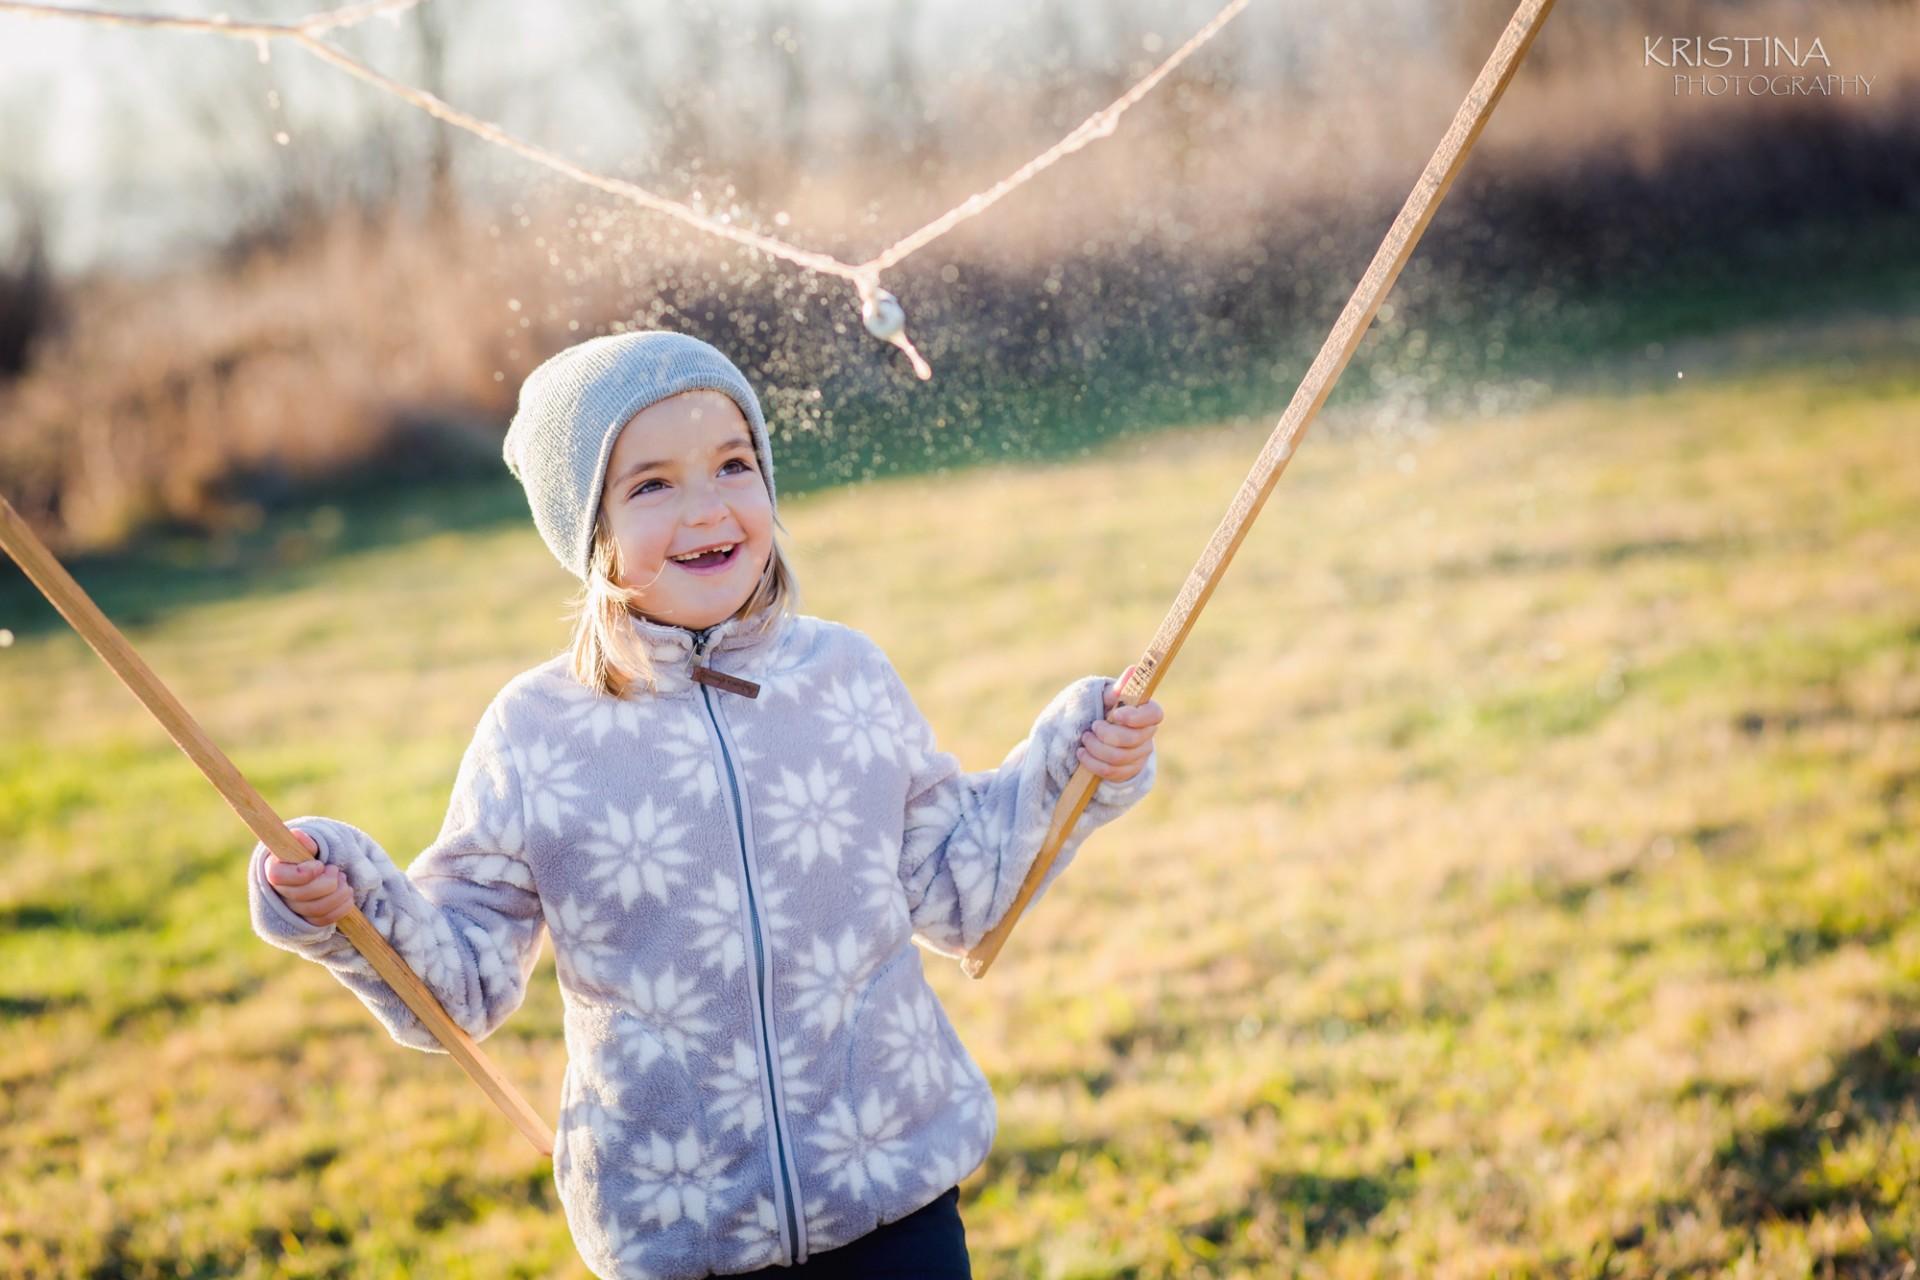 #детска фотография (25)